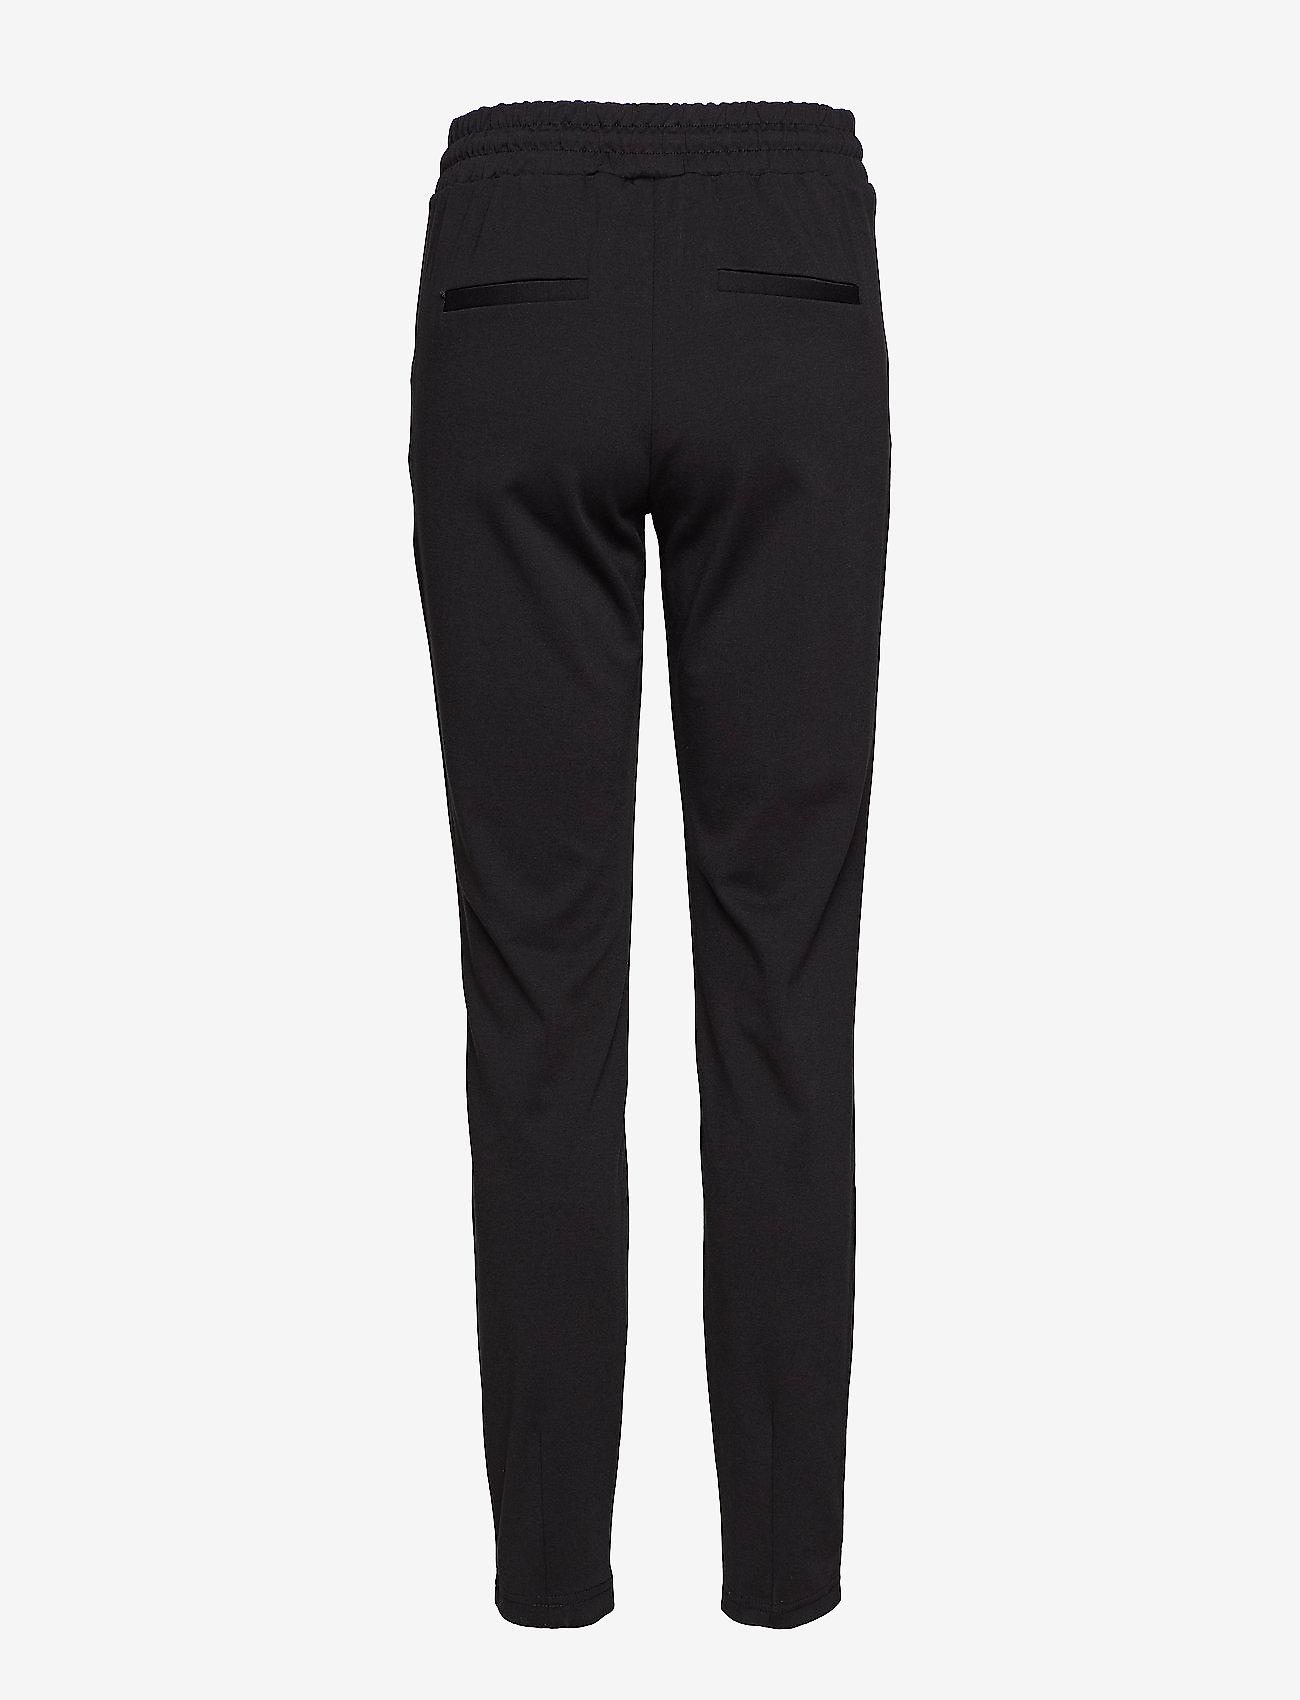 b.young - Rizetta pants 2 - Jersey - pantalons slim fit - black - 1